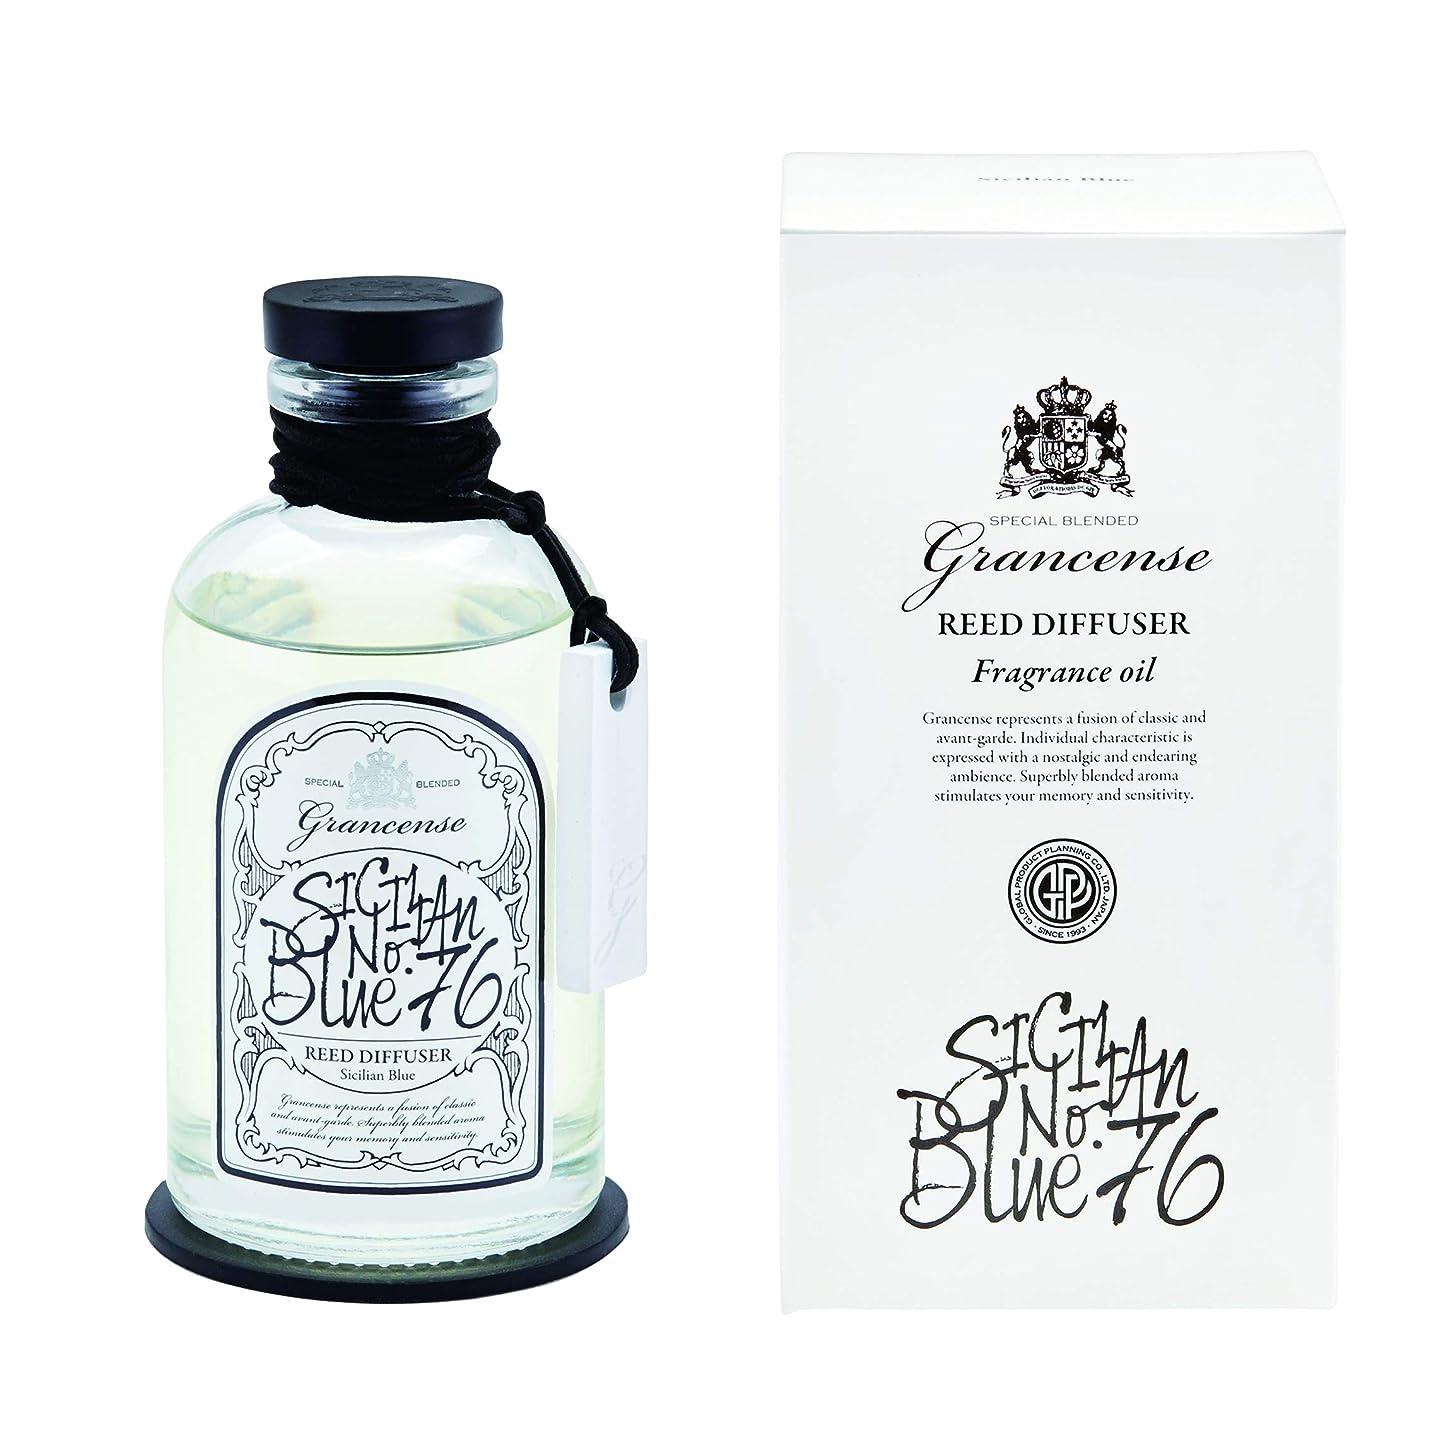 第二ケージフレームワークグランセンス リードディフューザーフレグランスオイル シチリアンブルー 220ml(室内用芳香剤?ルームフレグランス?アロマディフューザー レモンやライムの爽快なシトラスノートは清涼感を感じさせる香り)